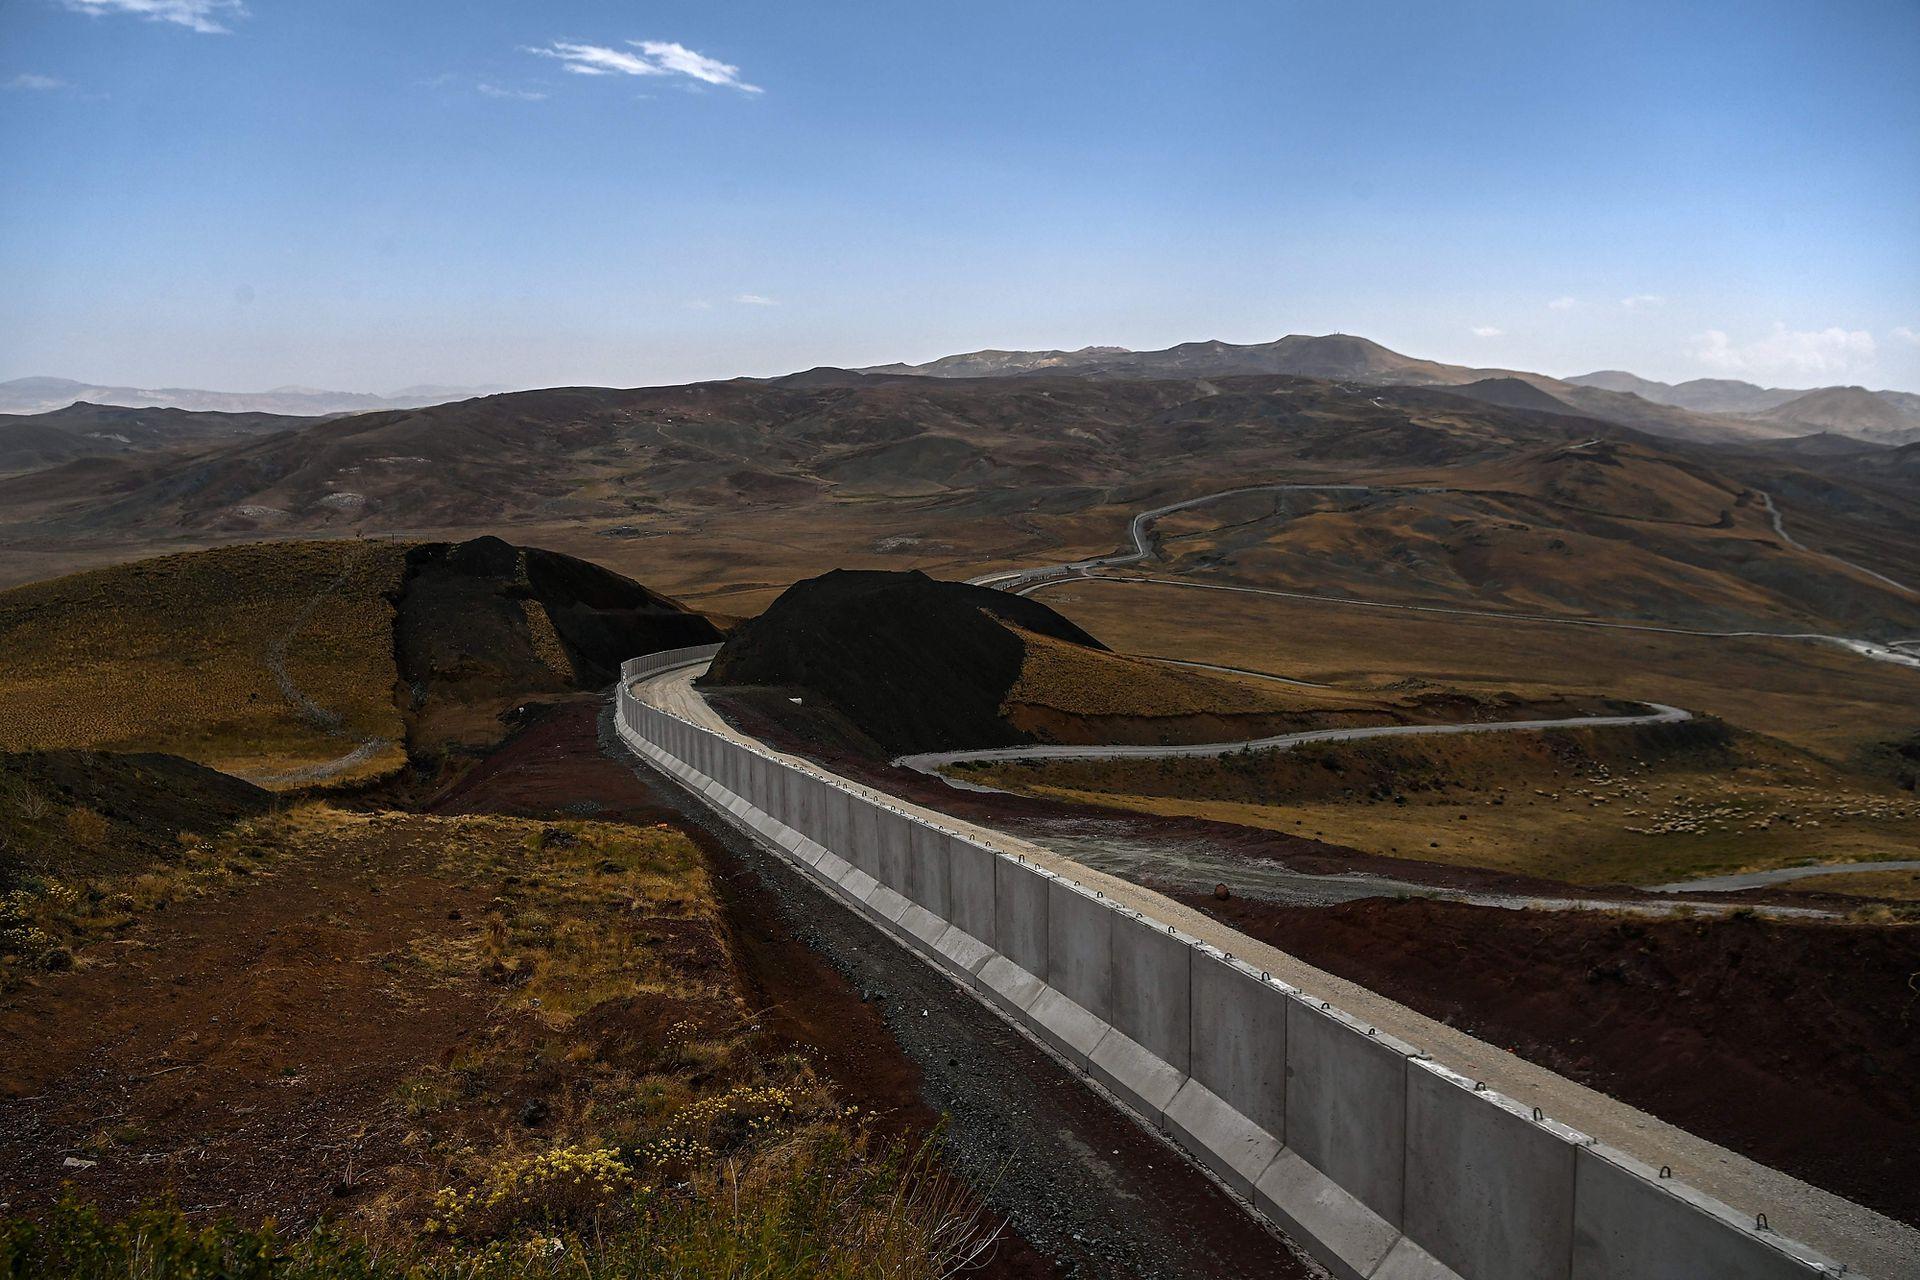 En los últimos días, la construcción de ese muro, de 243 km de largo y bordeado de fosas, parece haberse acelerado, ya se han levantado 156 km en la frontera con Irán